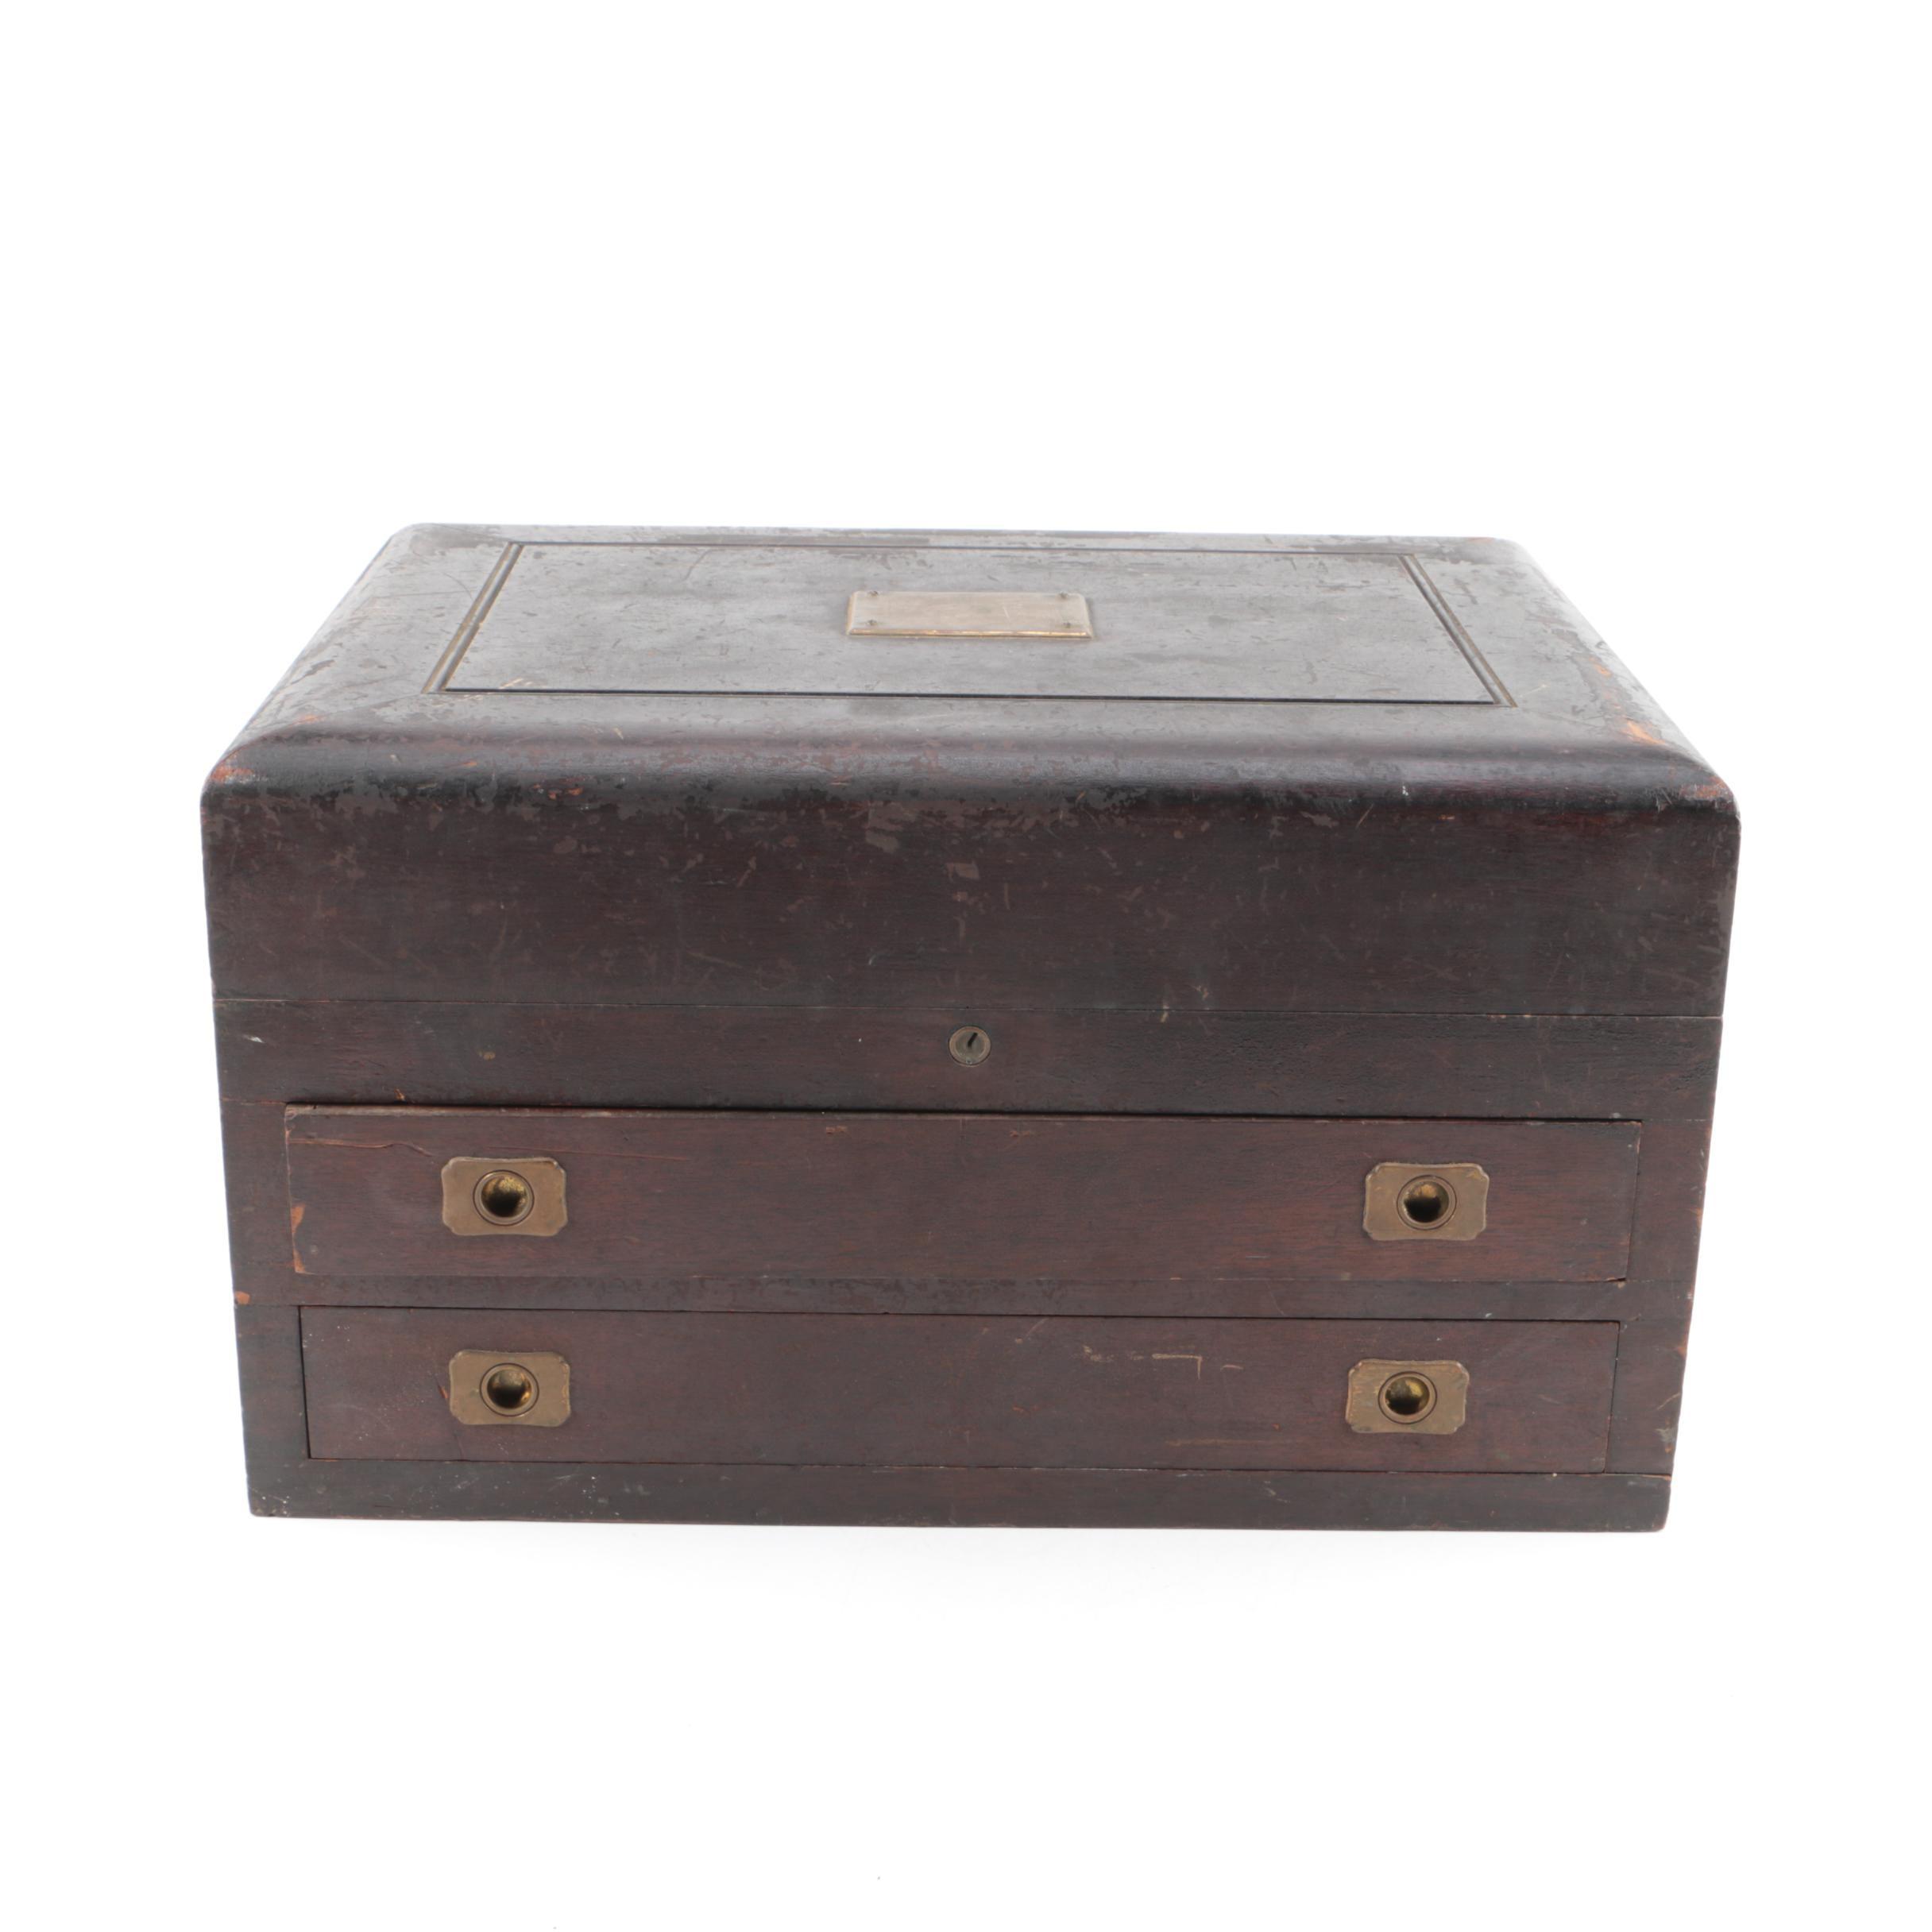 Vintage Wooden Flatware Storage Box